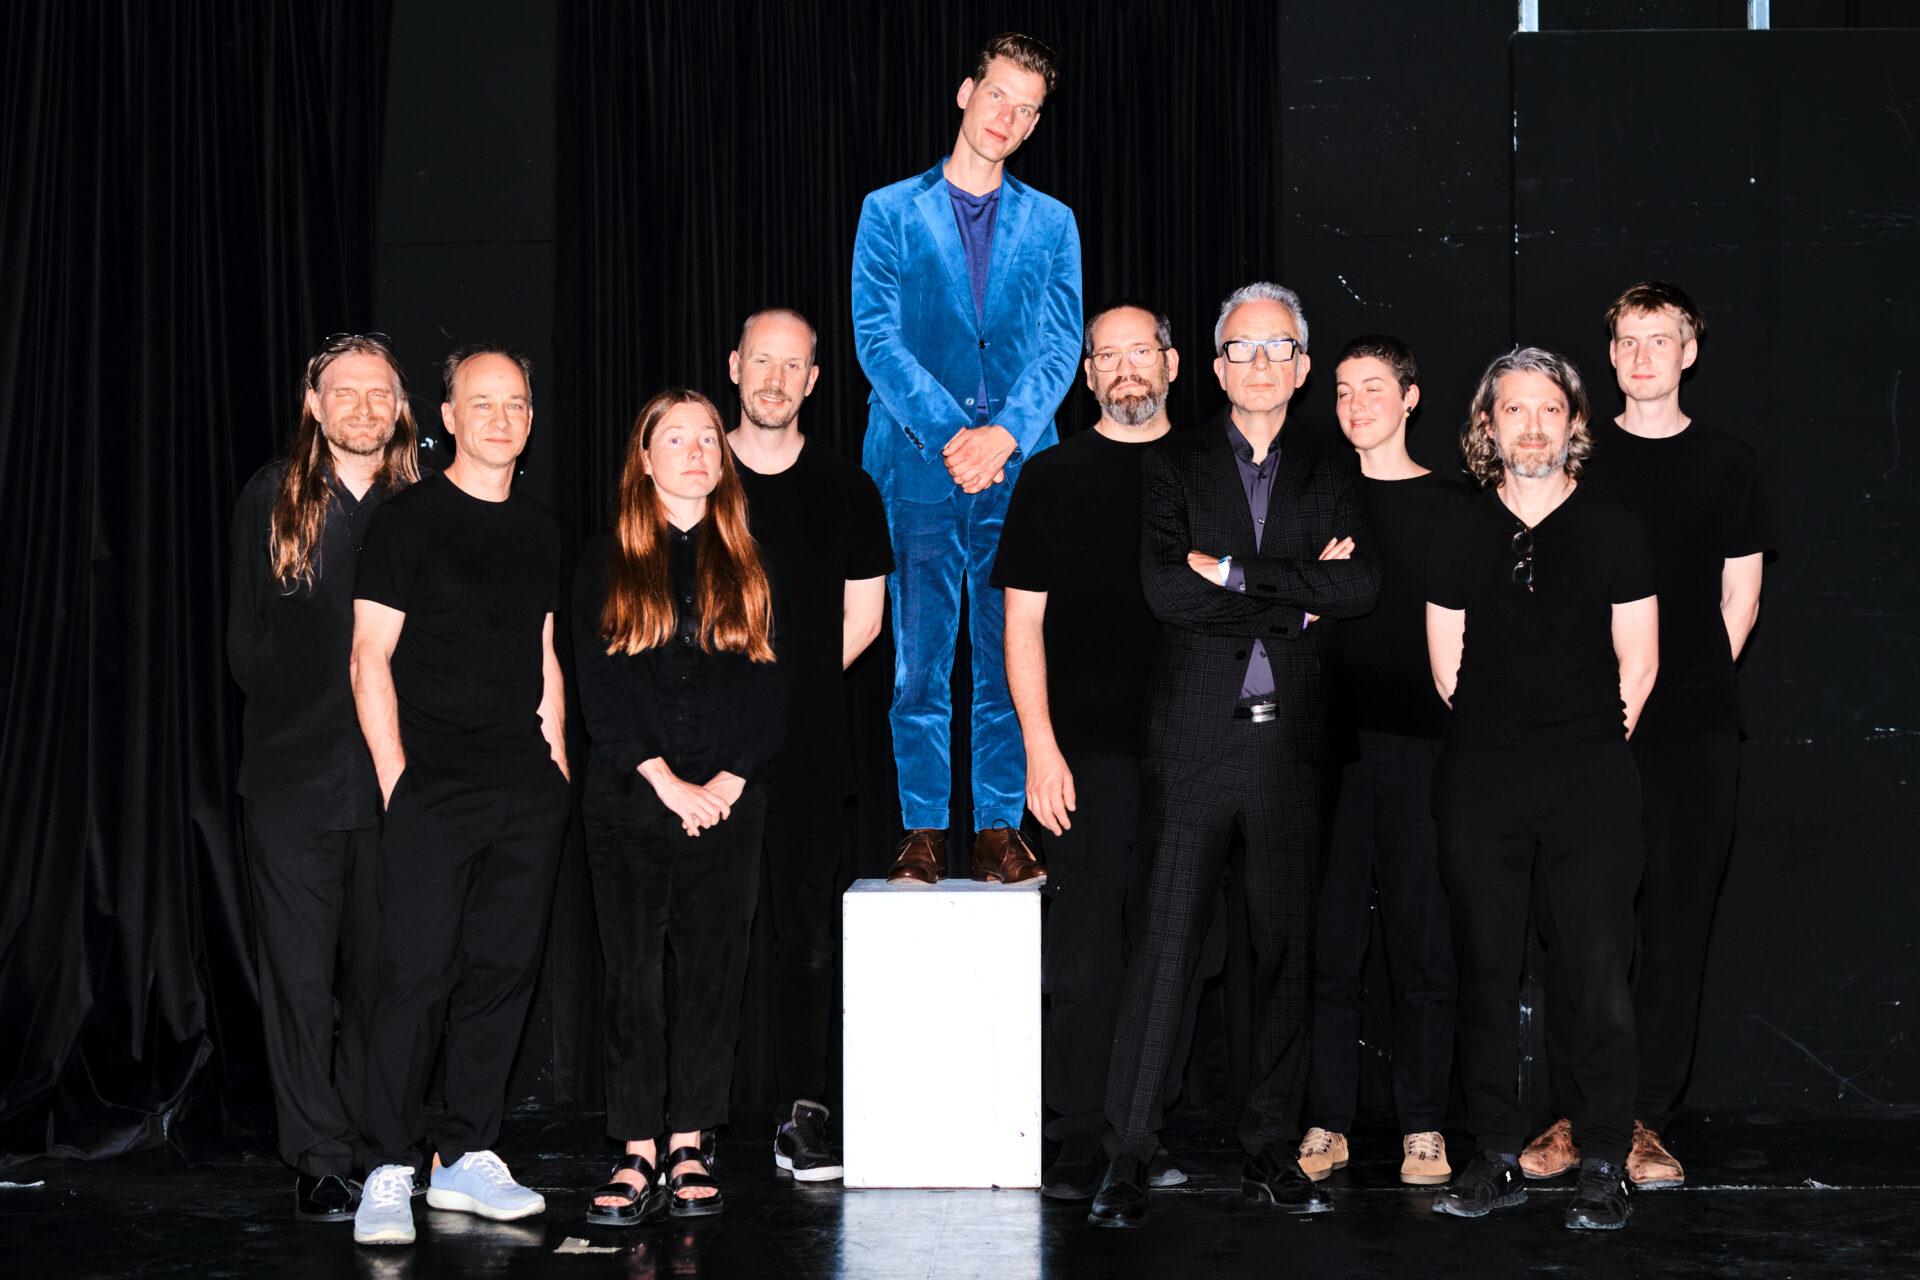 Mann im blauen Anzug steht auf einem weißen Sockel